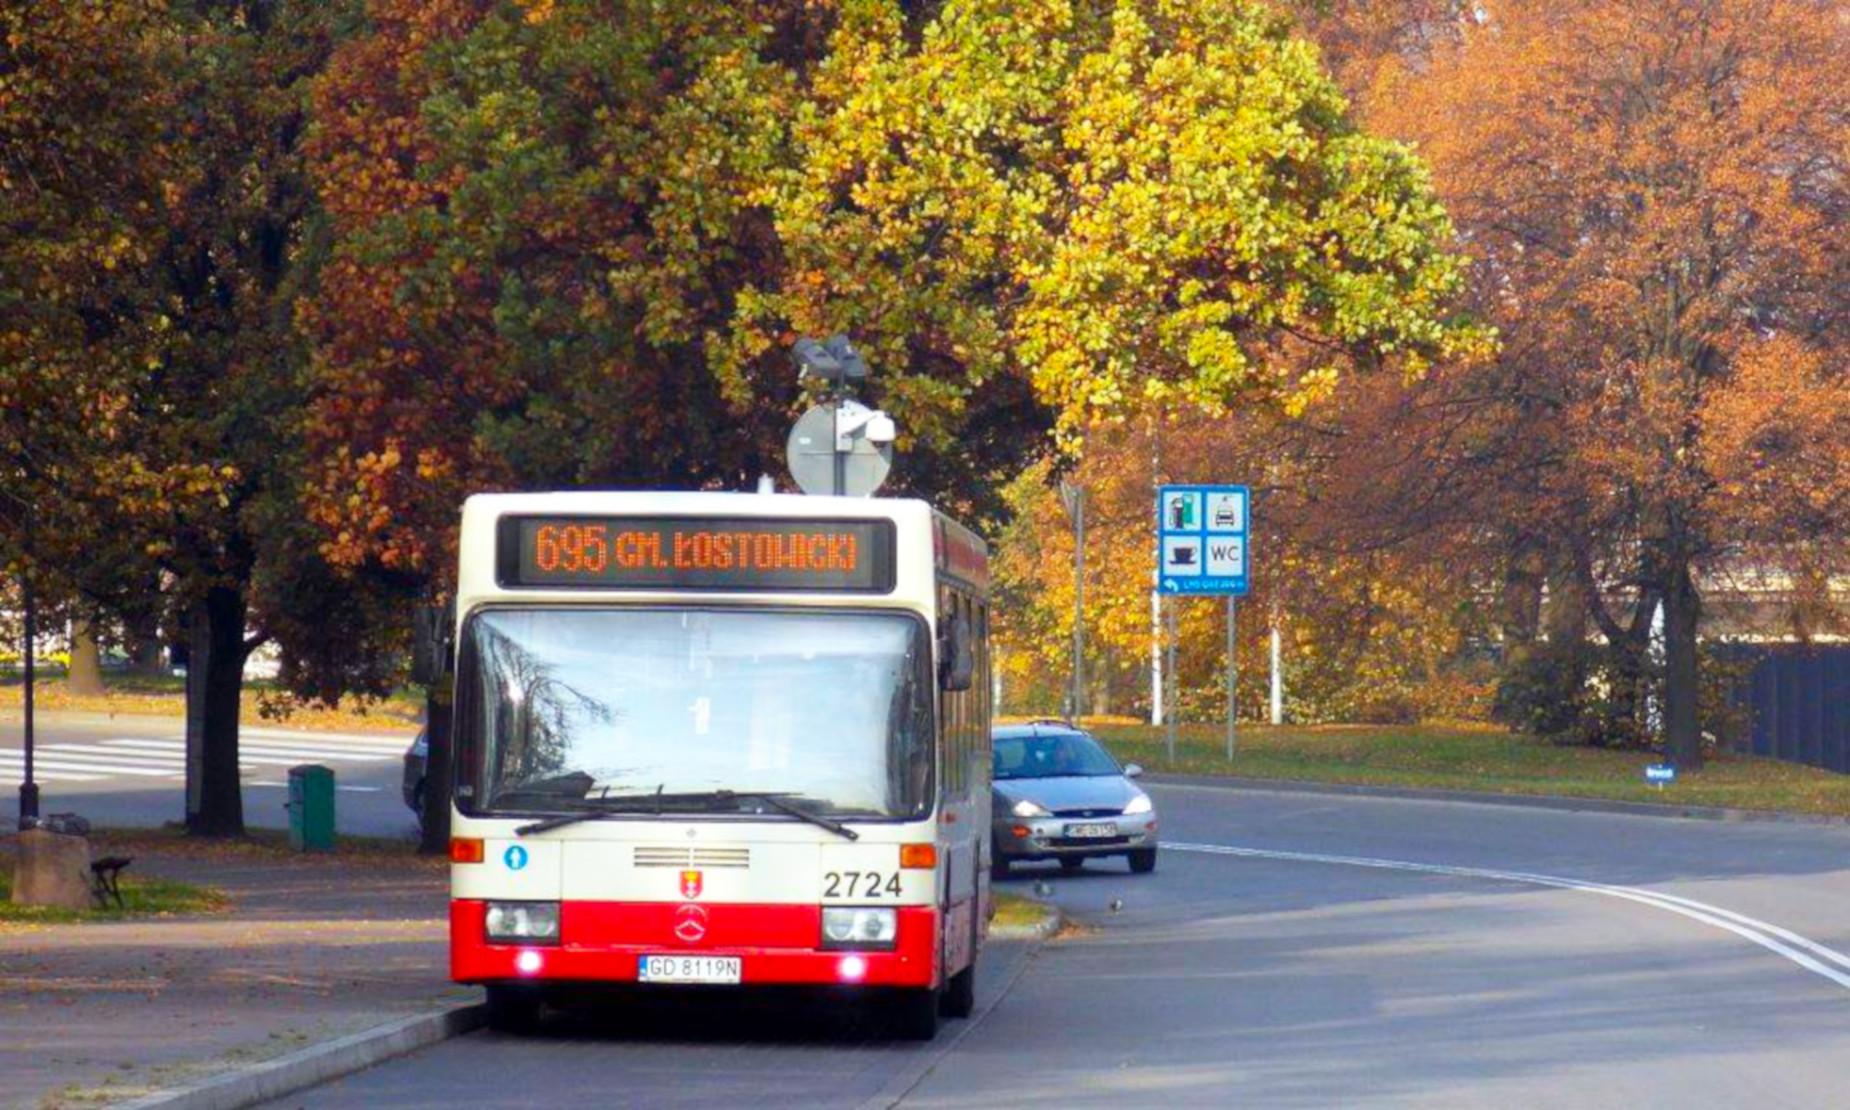 Autobusem czy samochodem? Jak dojechać na cmentarze? [PORADNIK]